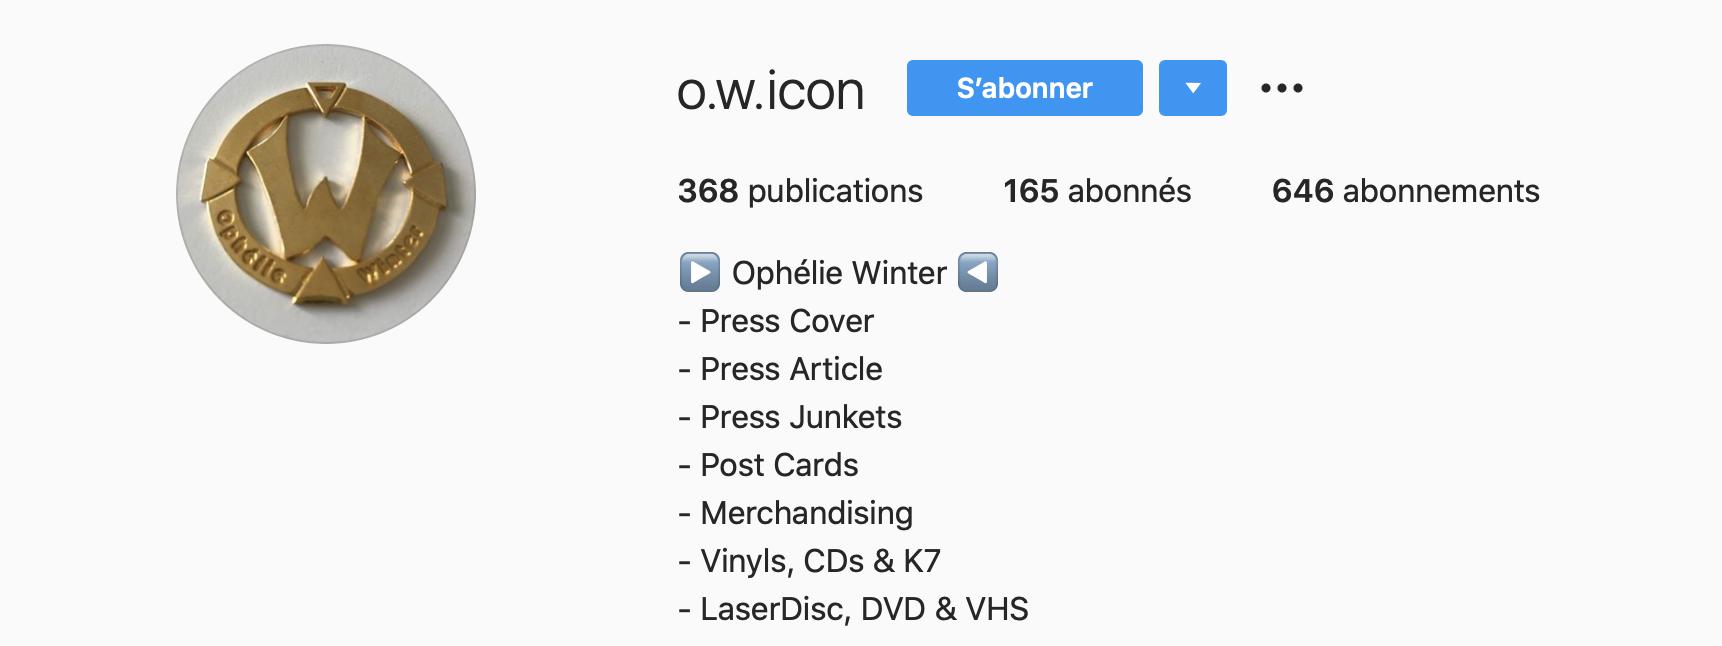 O.W.ICON, un compte Instagram sur Ophélie Winter